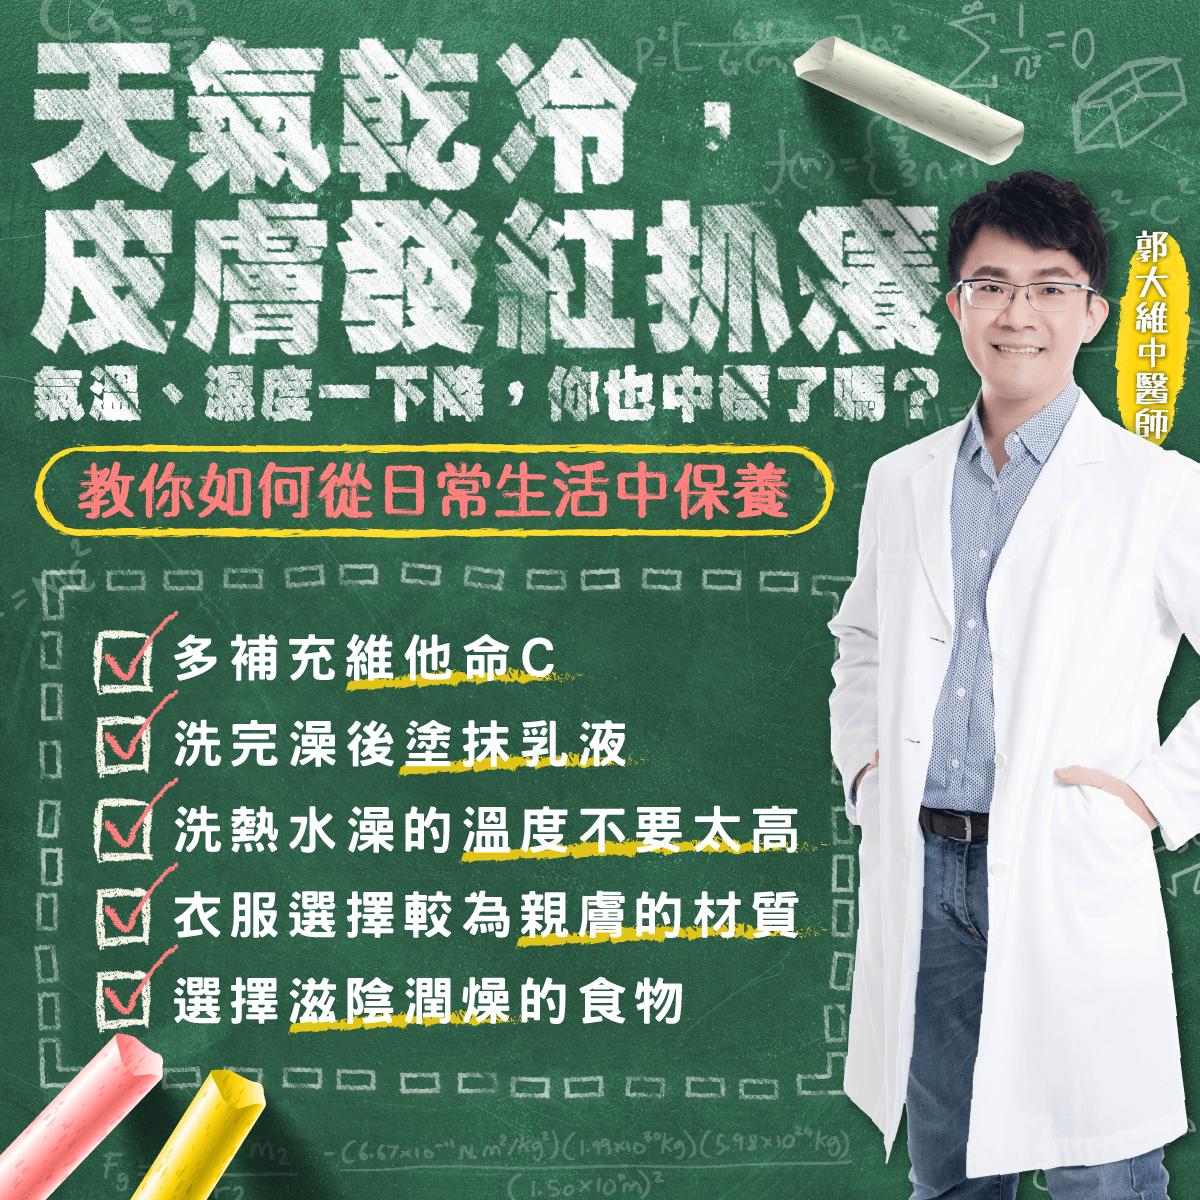 郭大維醫師|乾燥性皮膚炎